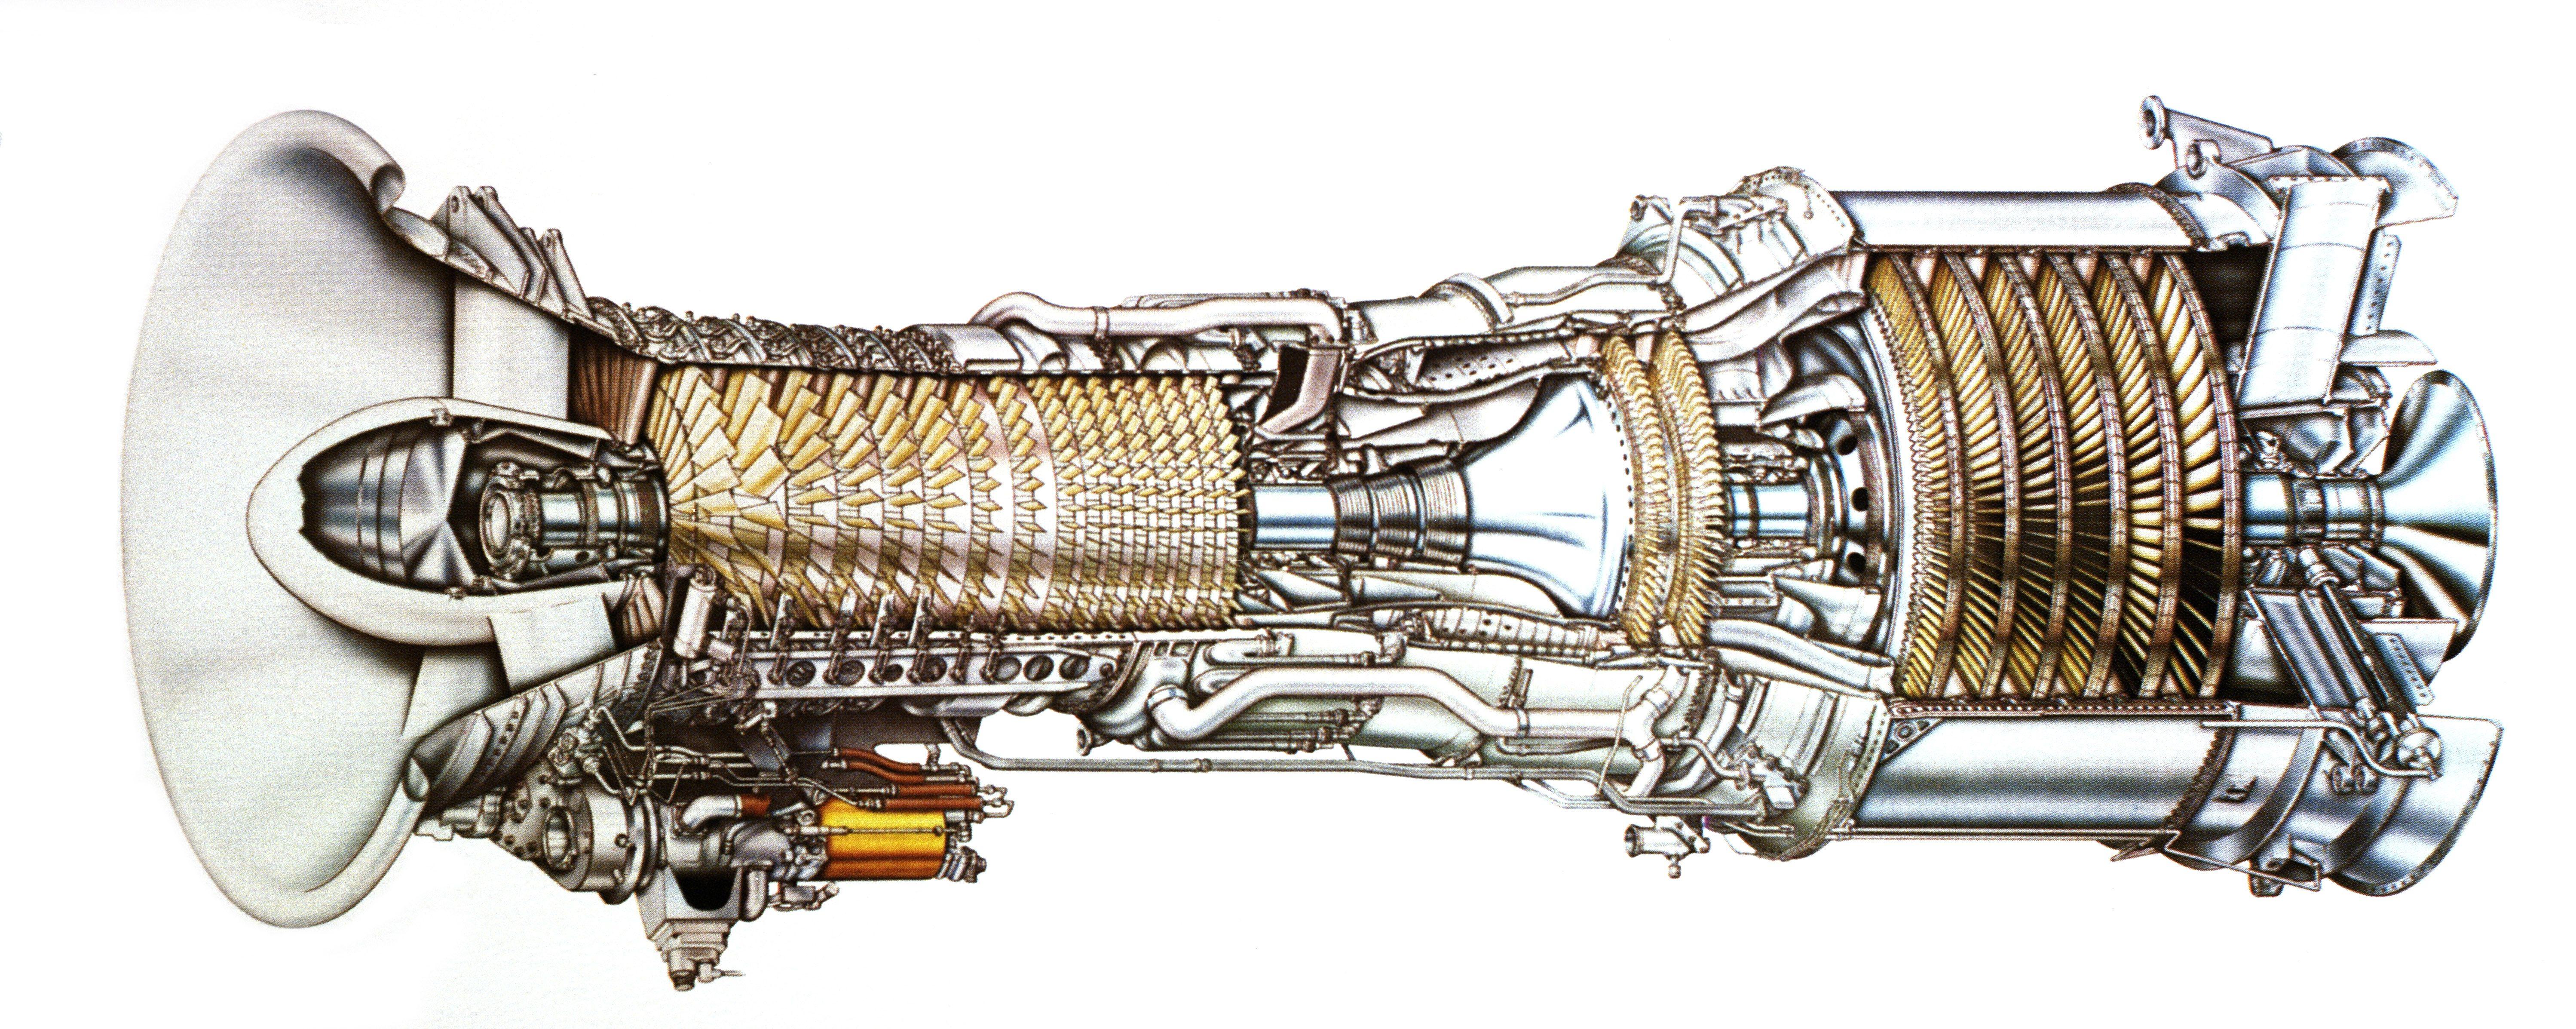 LM2500 Gas Turbine Cutaway   LM2500 Gas Turbine Engine